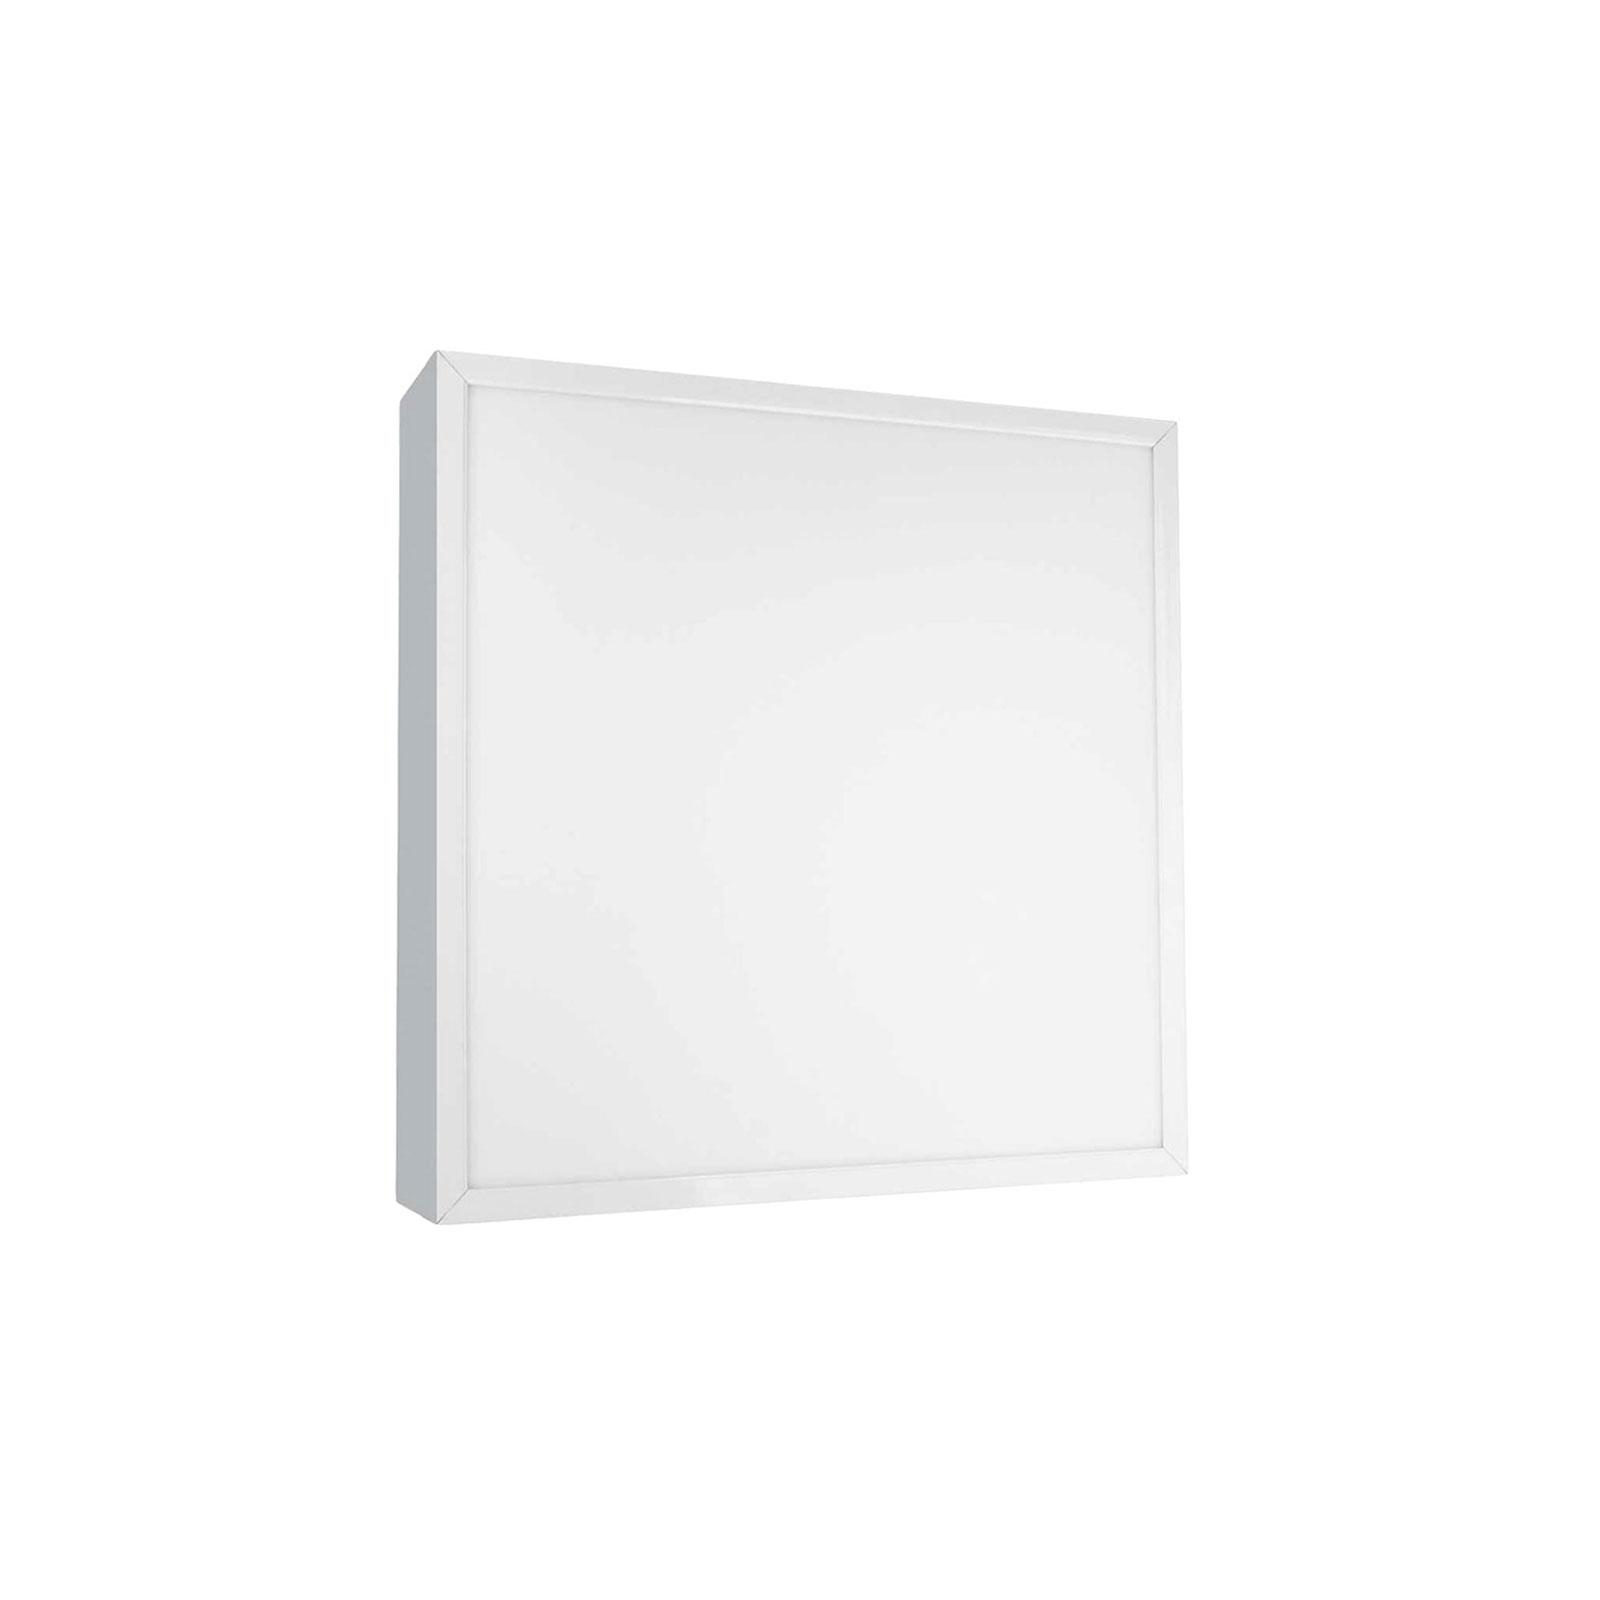 پنل سقفی LED روکار 48 وات 30 در 30 یکتا افروز